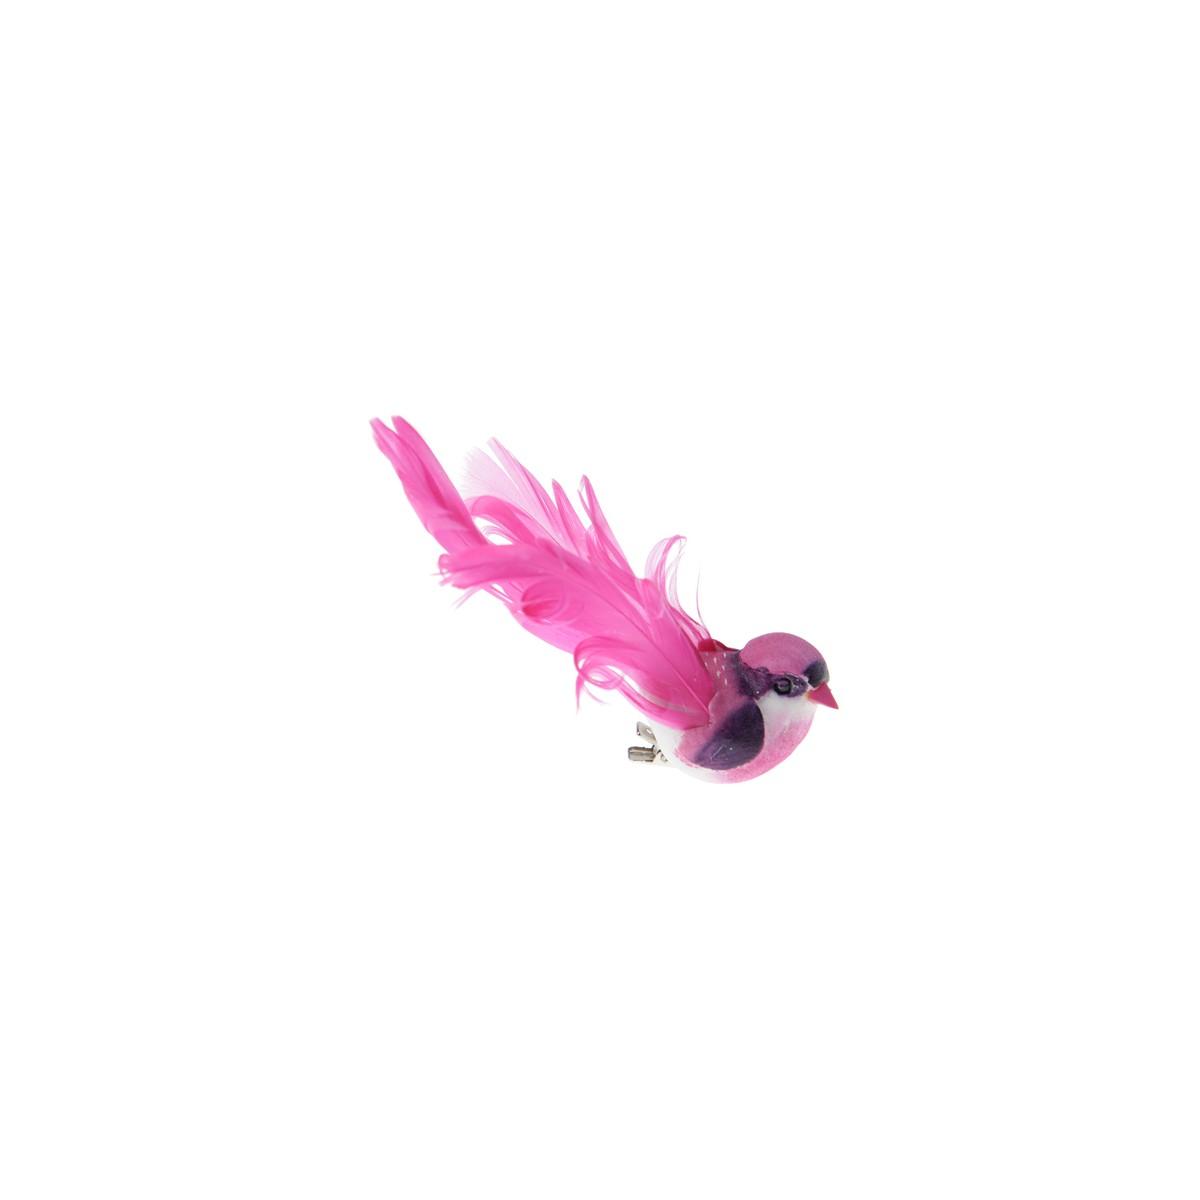 2 x Oiseau Fuchsia sur Pince